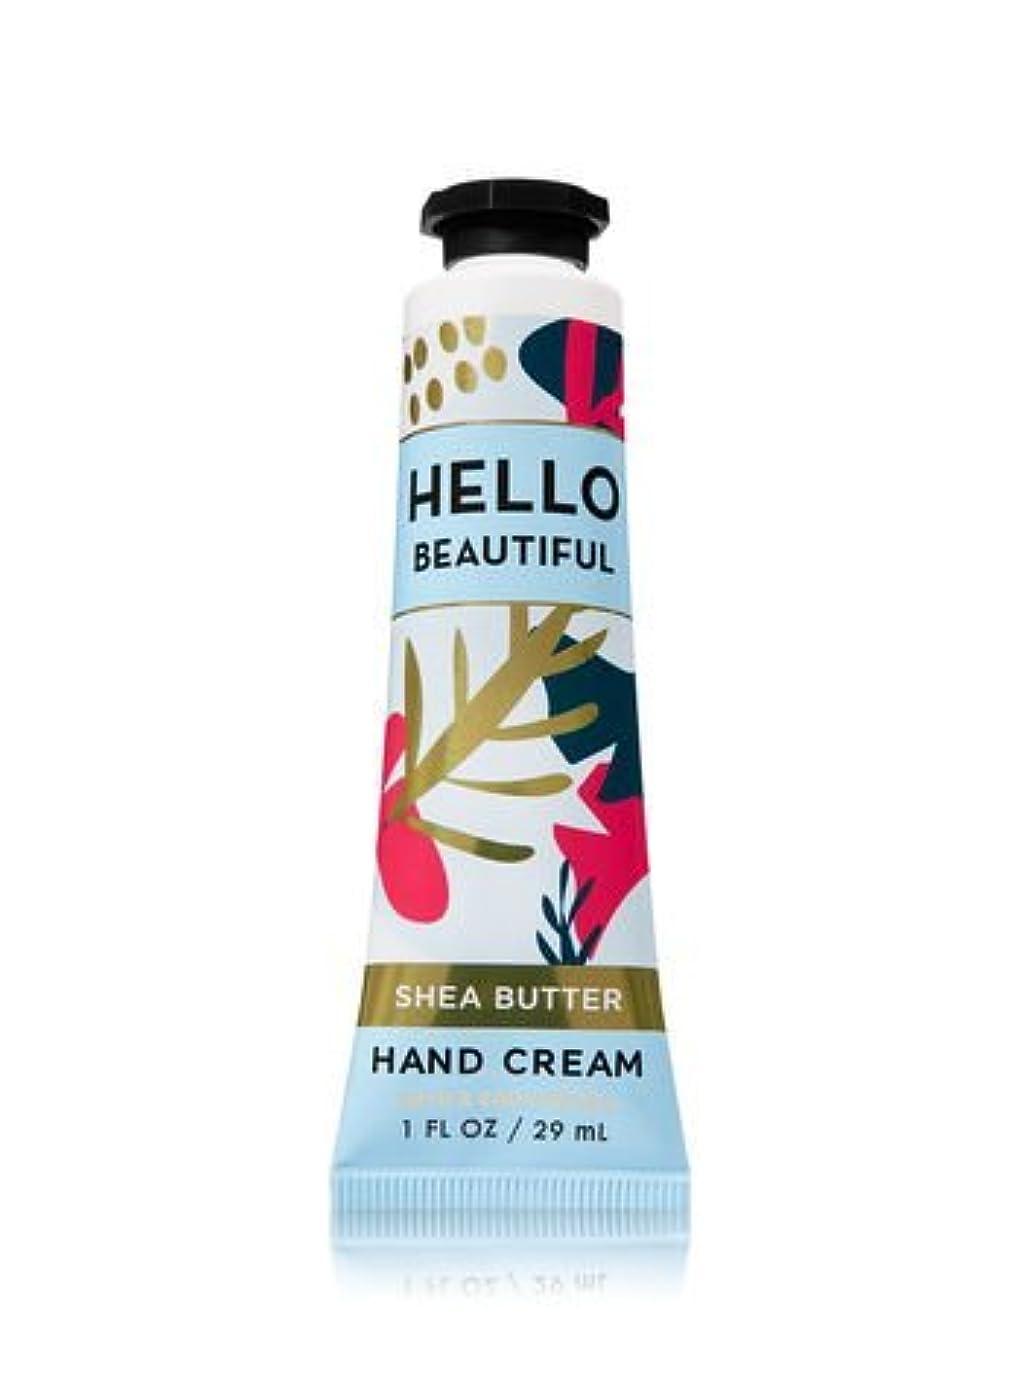 時代遅れこれら菊【Bath&Body Works/バス&ボディワークス】 シアバター ハンドクリーム ハロービューティフル Shea Butter Hand Cream Hello Beautiful 1 fl oz / 29 mL [...